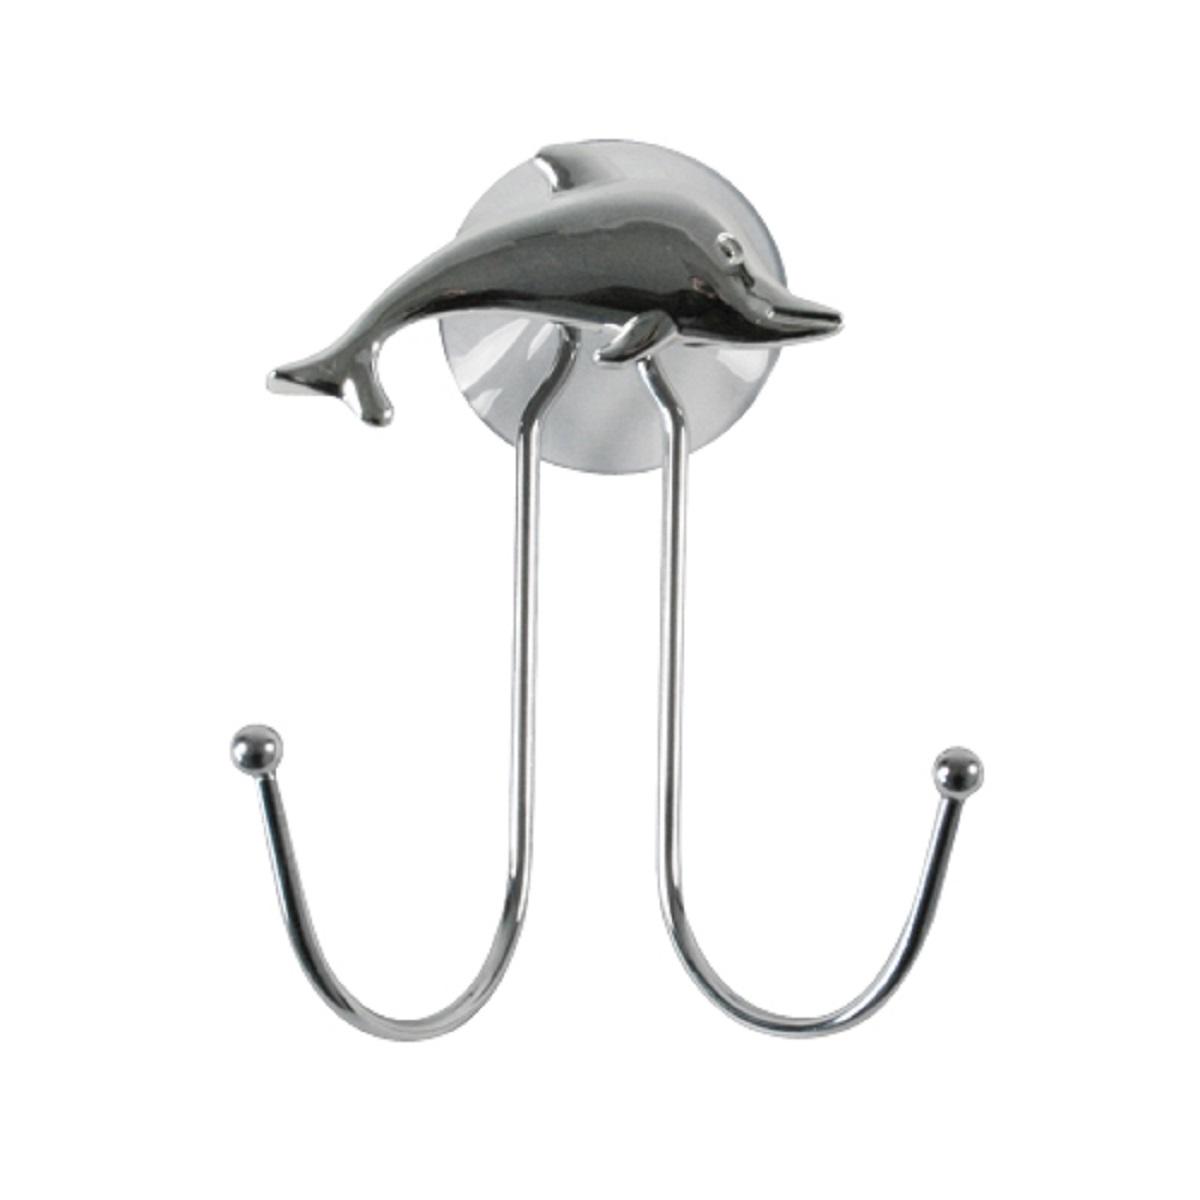 Крючок Top Star Silver Dolphin, двойной, на присоске, цвет: хромUP210DFКрючок двойной настенный на присоске с декором серебристый дельфин. Подходит для полотенец, мочалок, халатов и других ванных принадлежностей. Крепится на присоску, в комплекте. Выдерживает вес до 2-х килограмм на гладкой, воздухонепроницаемой, очищенной и обезжиренной поверхности. Крючок изготовлен из высококачественной хромированной стали, устойчивой к высокой влажности. Отлично сочетается с другими аксессуарами из коллекции Silver Dolphin.